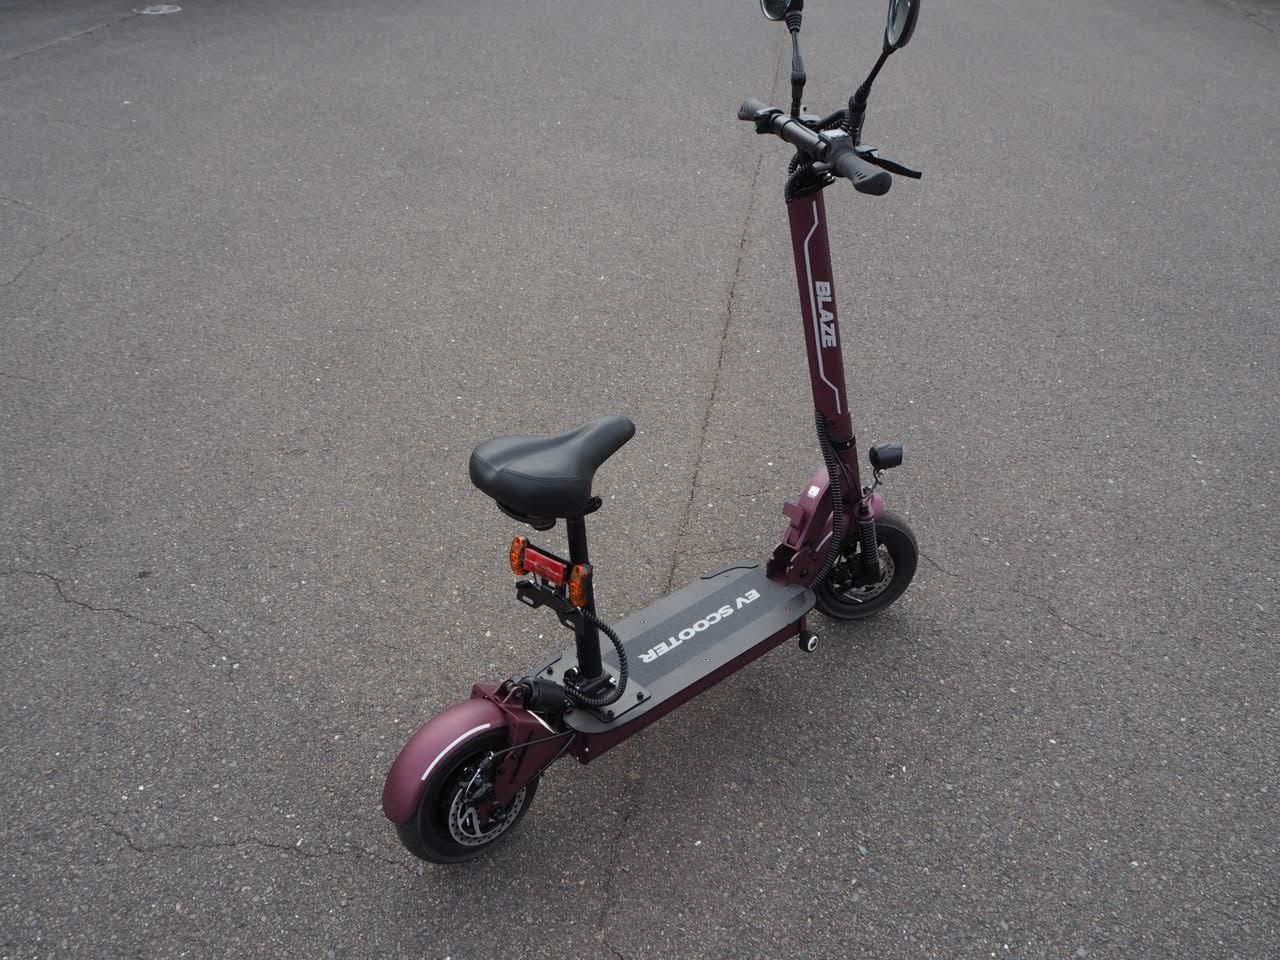 100%電気で動く折畳み可能な電動バイク ブレイズEVスクーター(ワインレッド色)【現金払い・銀行振り込み専用チケット】のイメージその1